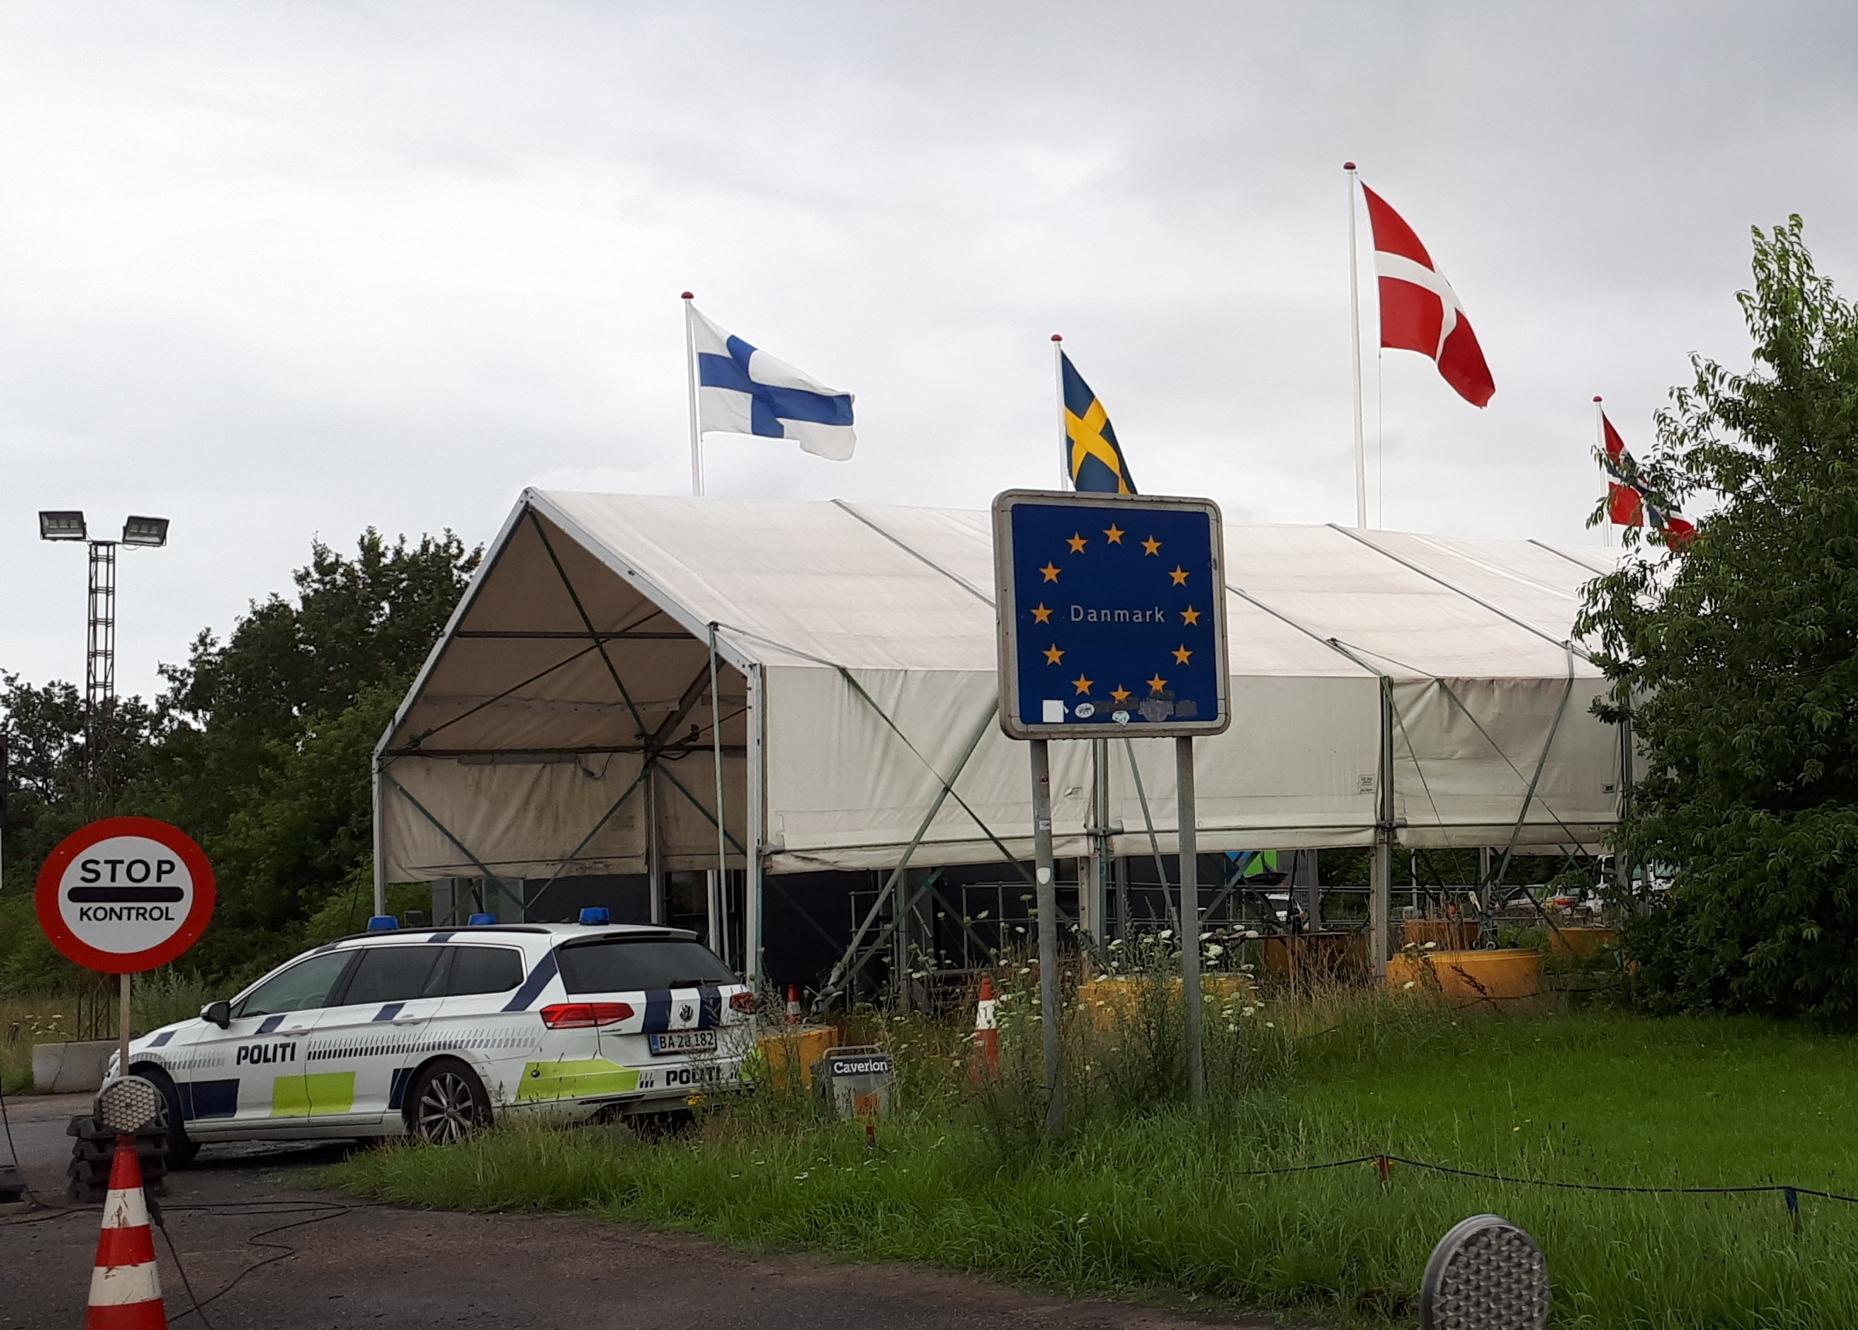 EU-landenes udenrigsministre kan i dag godkende nye fælles rejseretningslinjer for rejsevejledninger, men i sidste ende bestemmer det enkelte medlemsland indholdet af sine egne rejsevejledninger. Arkivfoto fra den dansk-tyske grænse: Henrik Baumgarten.